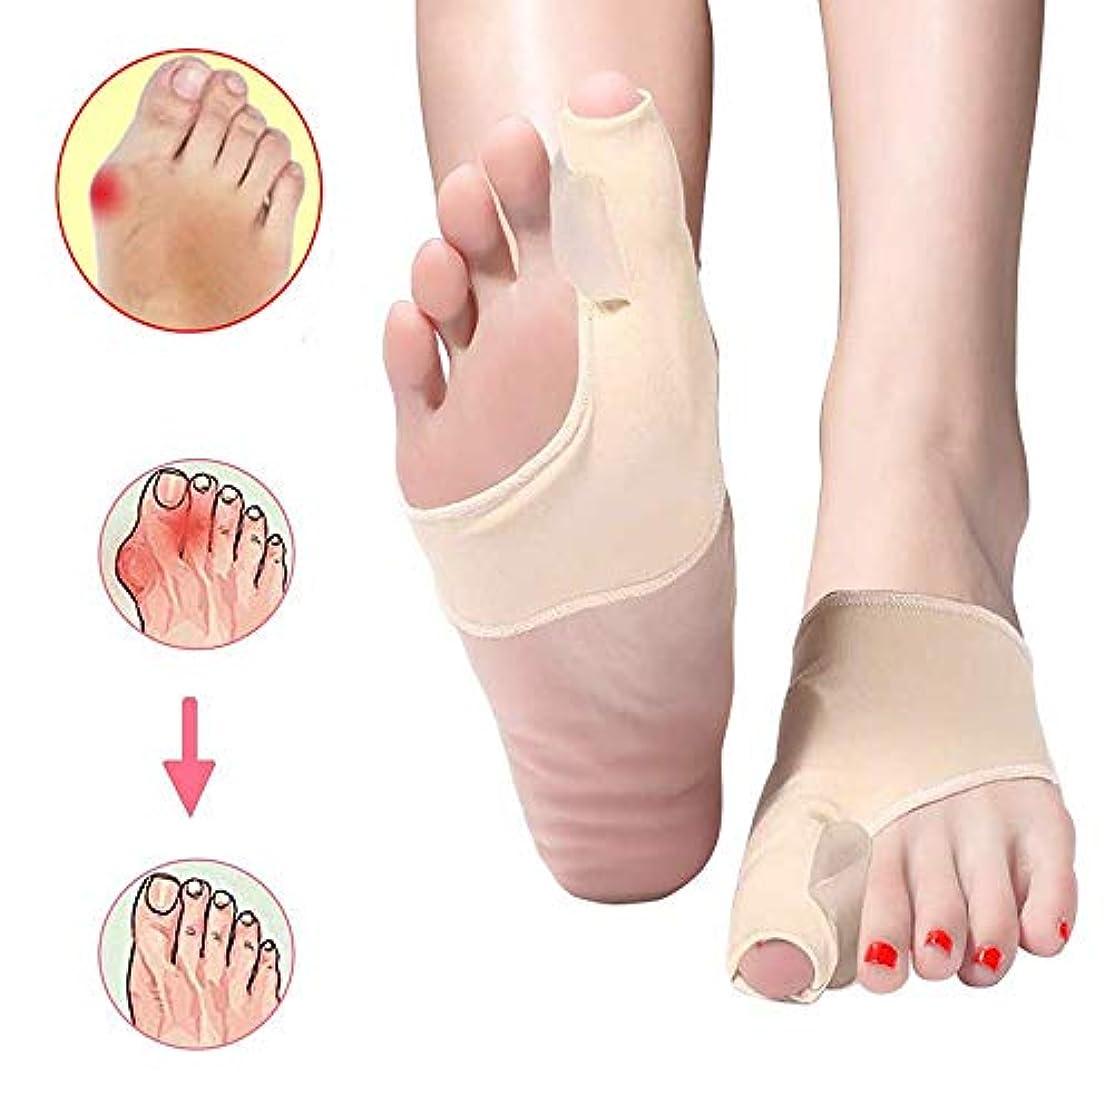 オープナーエネルギーマッサージ1ペア親指外反母Correct腱膜瘤矯正足の親指矯正腱膜瘤パッドブレースクッションシリコーンゲルパッドスプリントサポートプロテクタースリーブデイナイトナイト(アプリコットカラー)